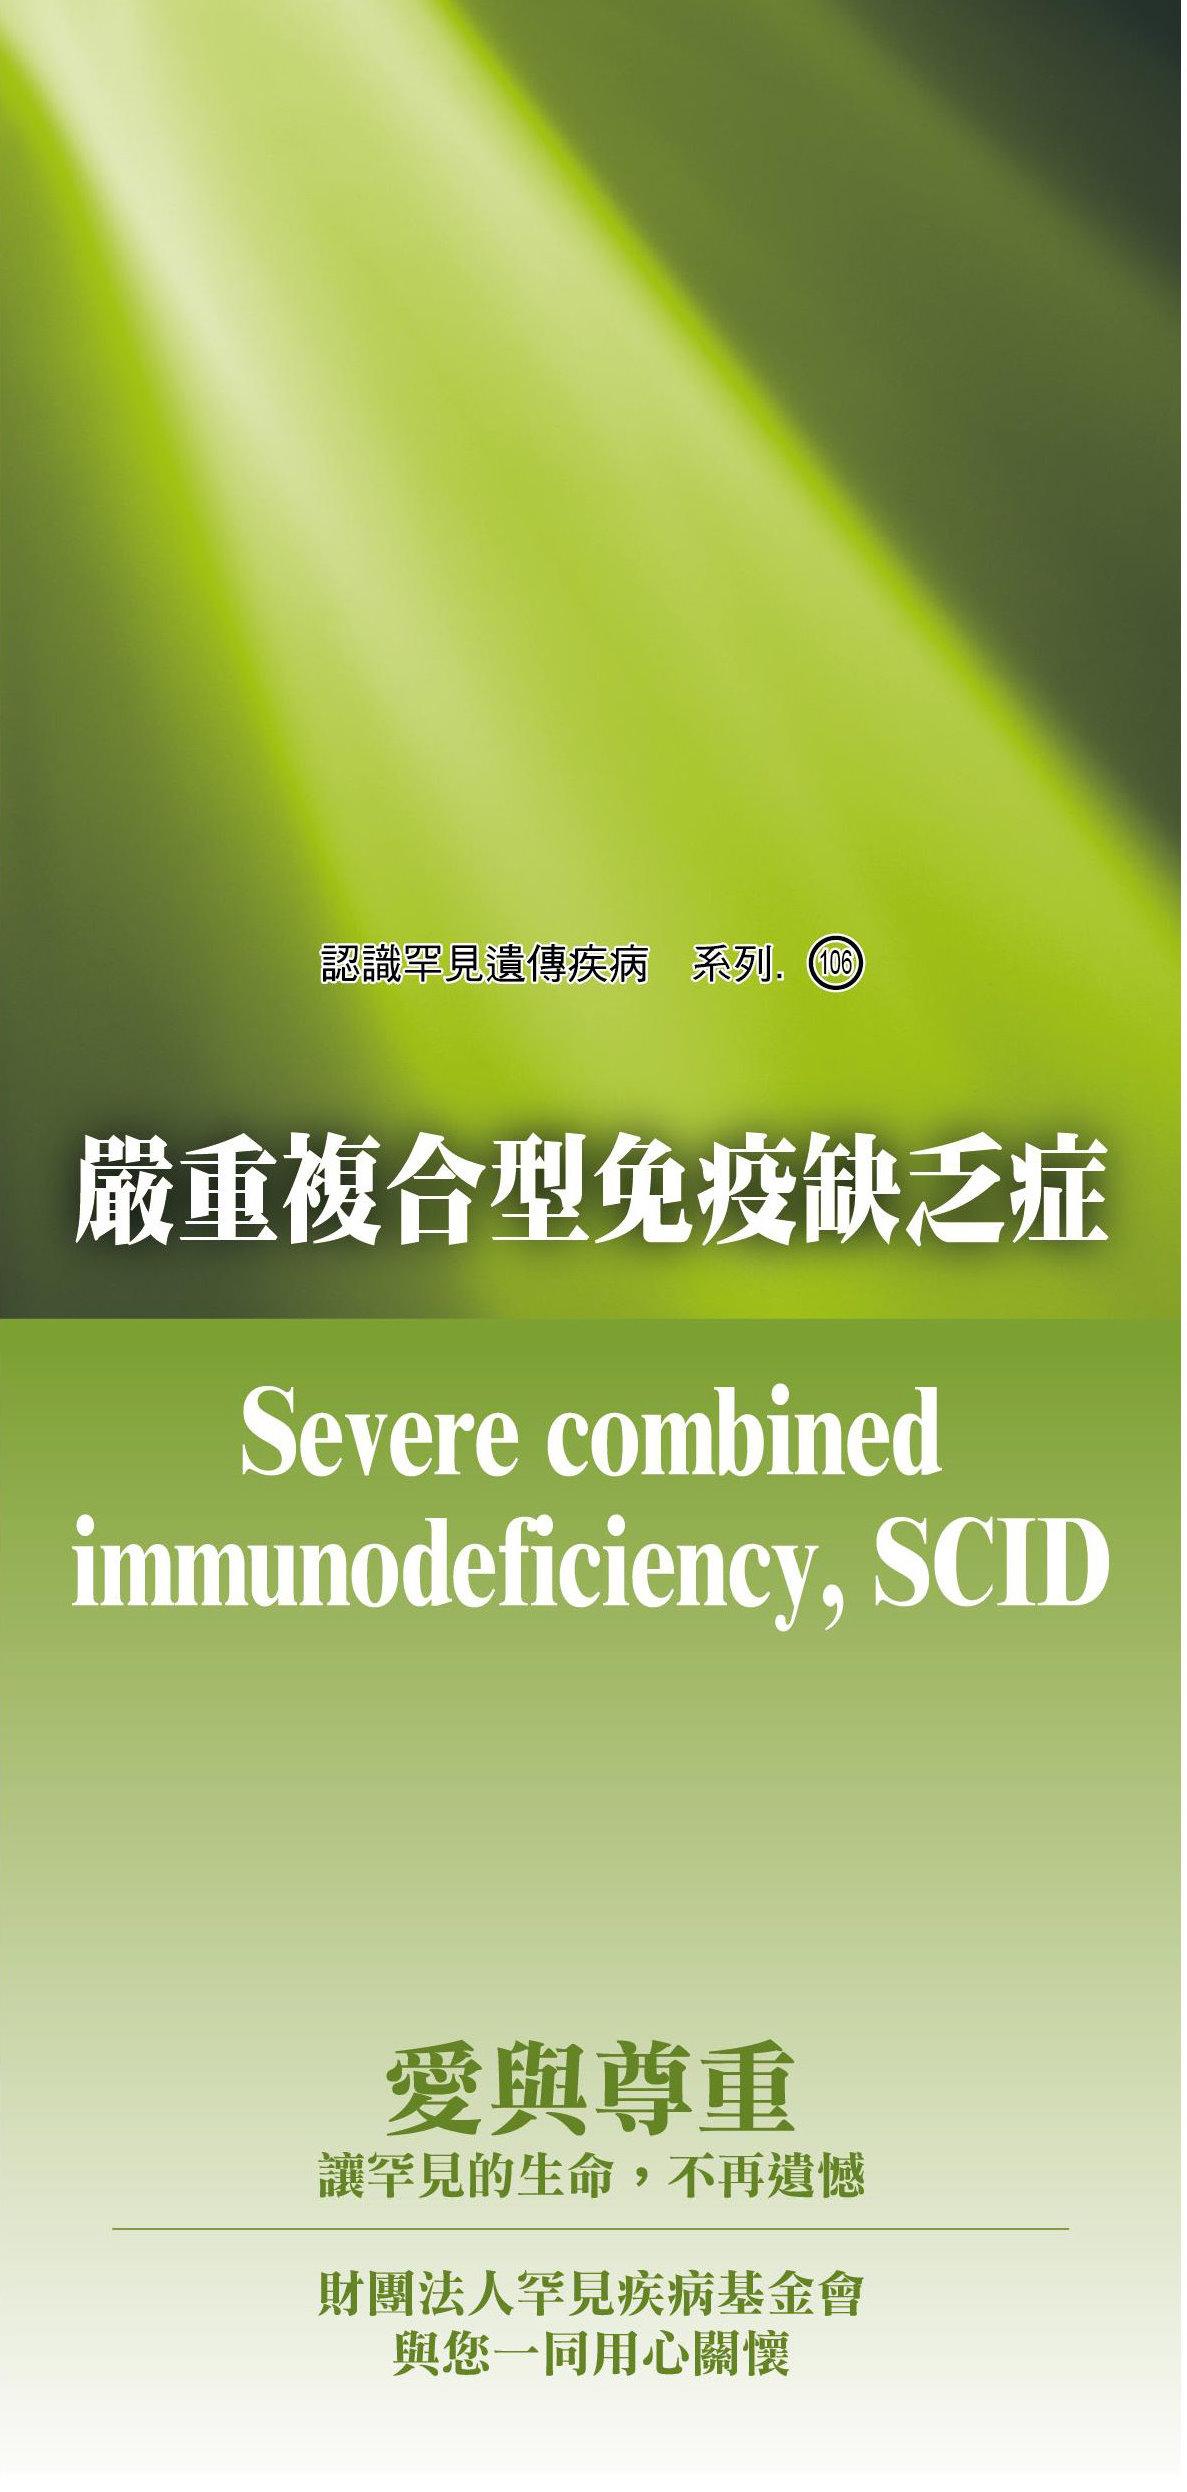 嚴重複合型免疫缺乏症